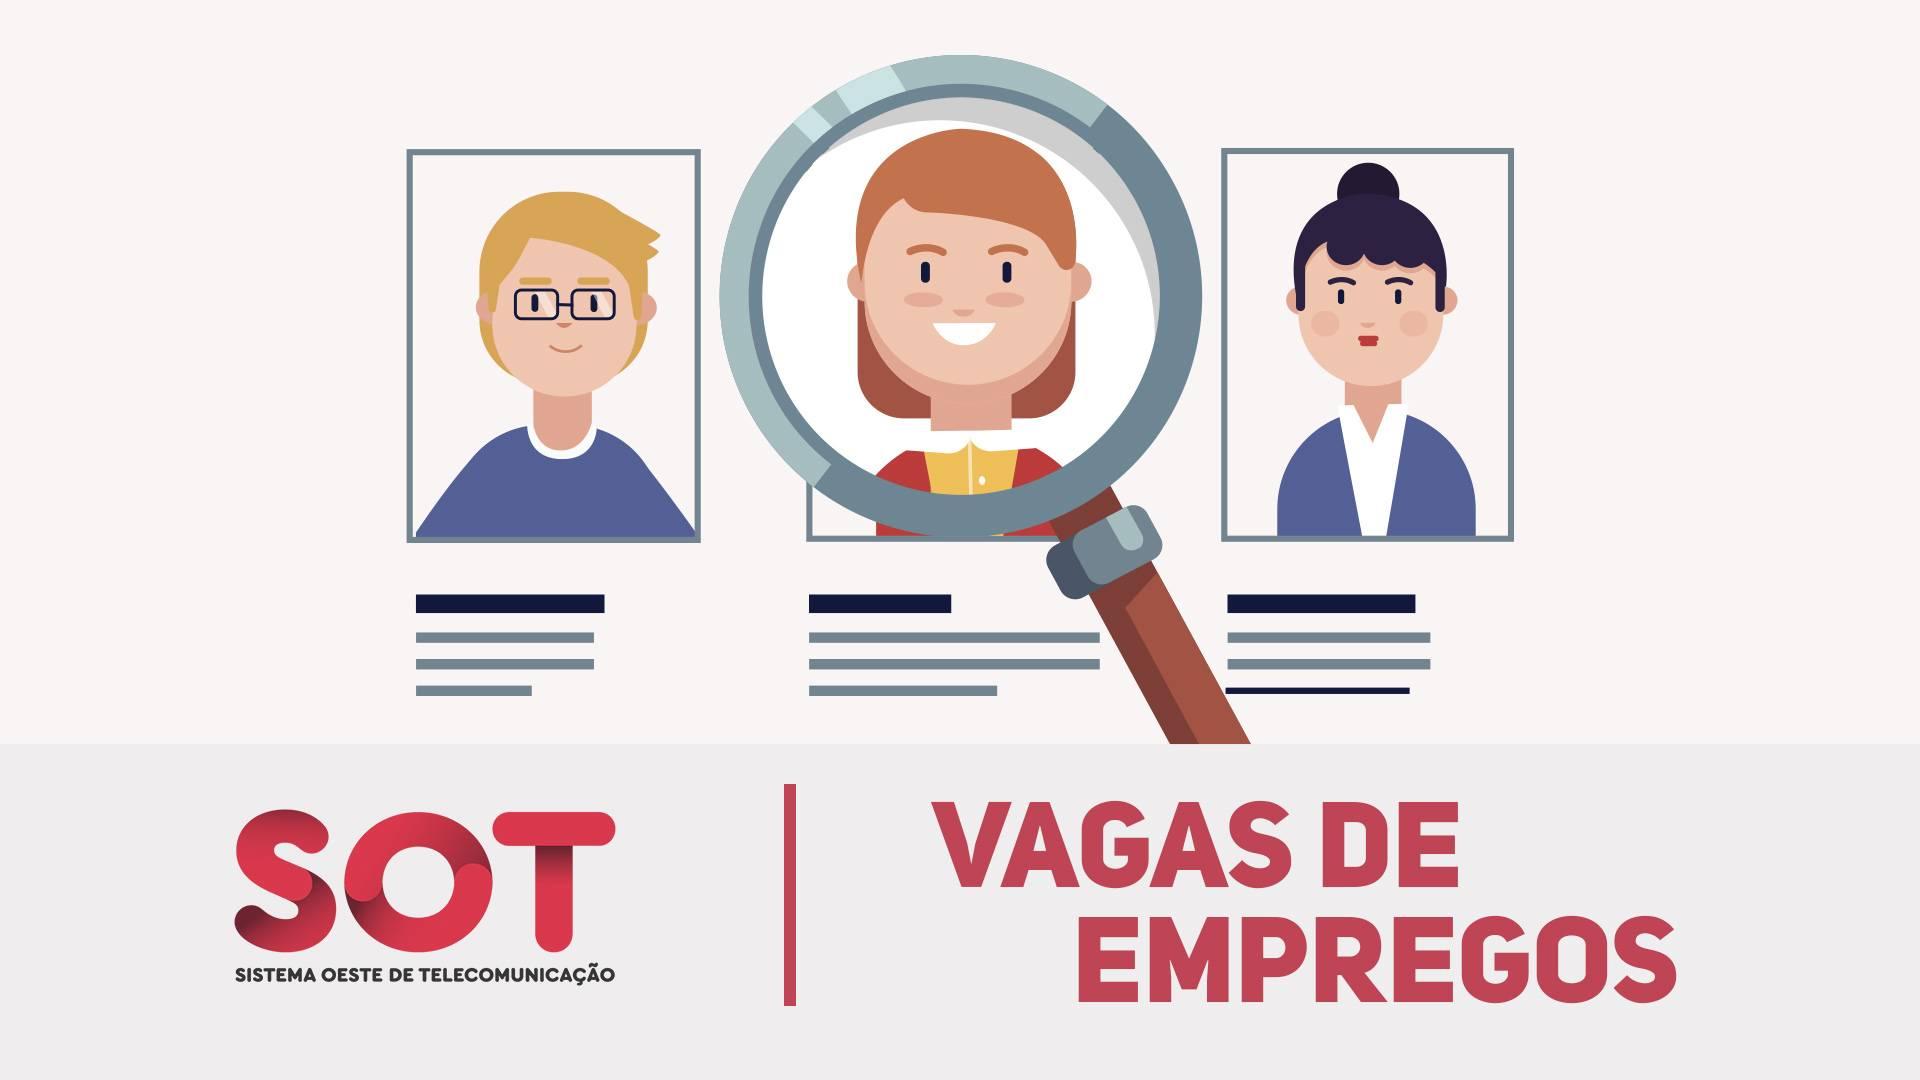 Vagas de Empregos: Veja as principais oportunidades disponíveis nesta quinta-feira (22/04)